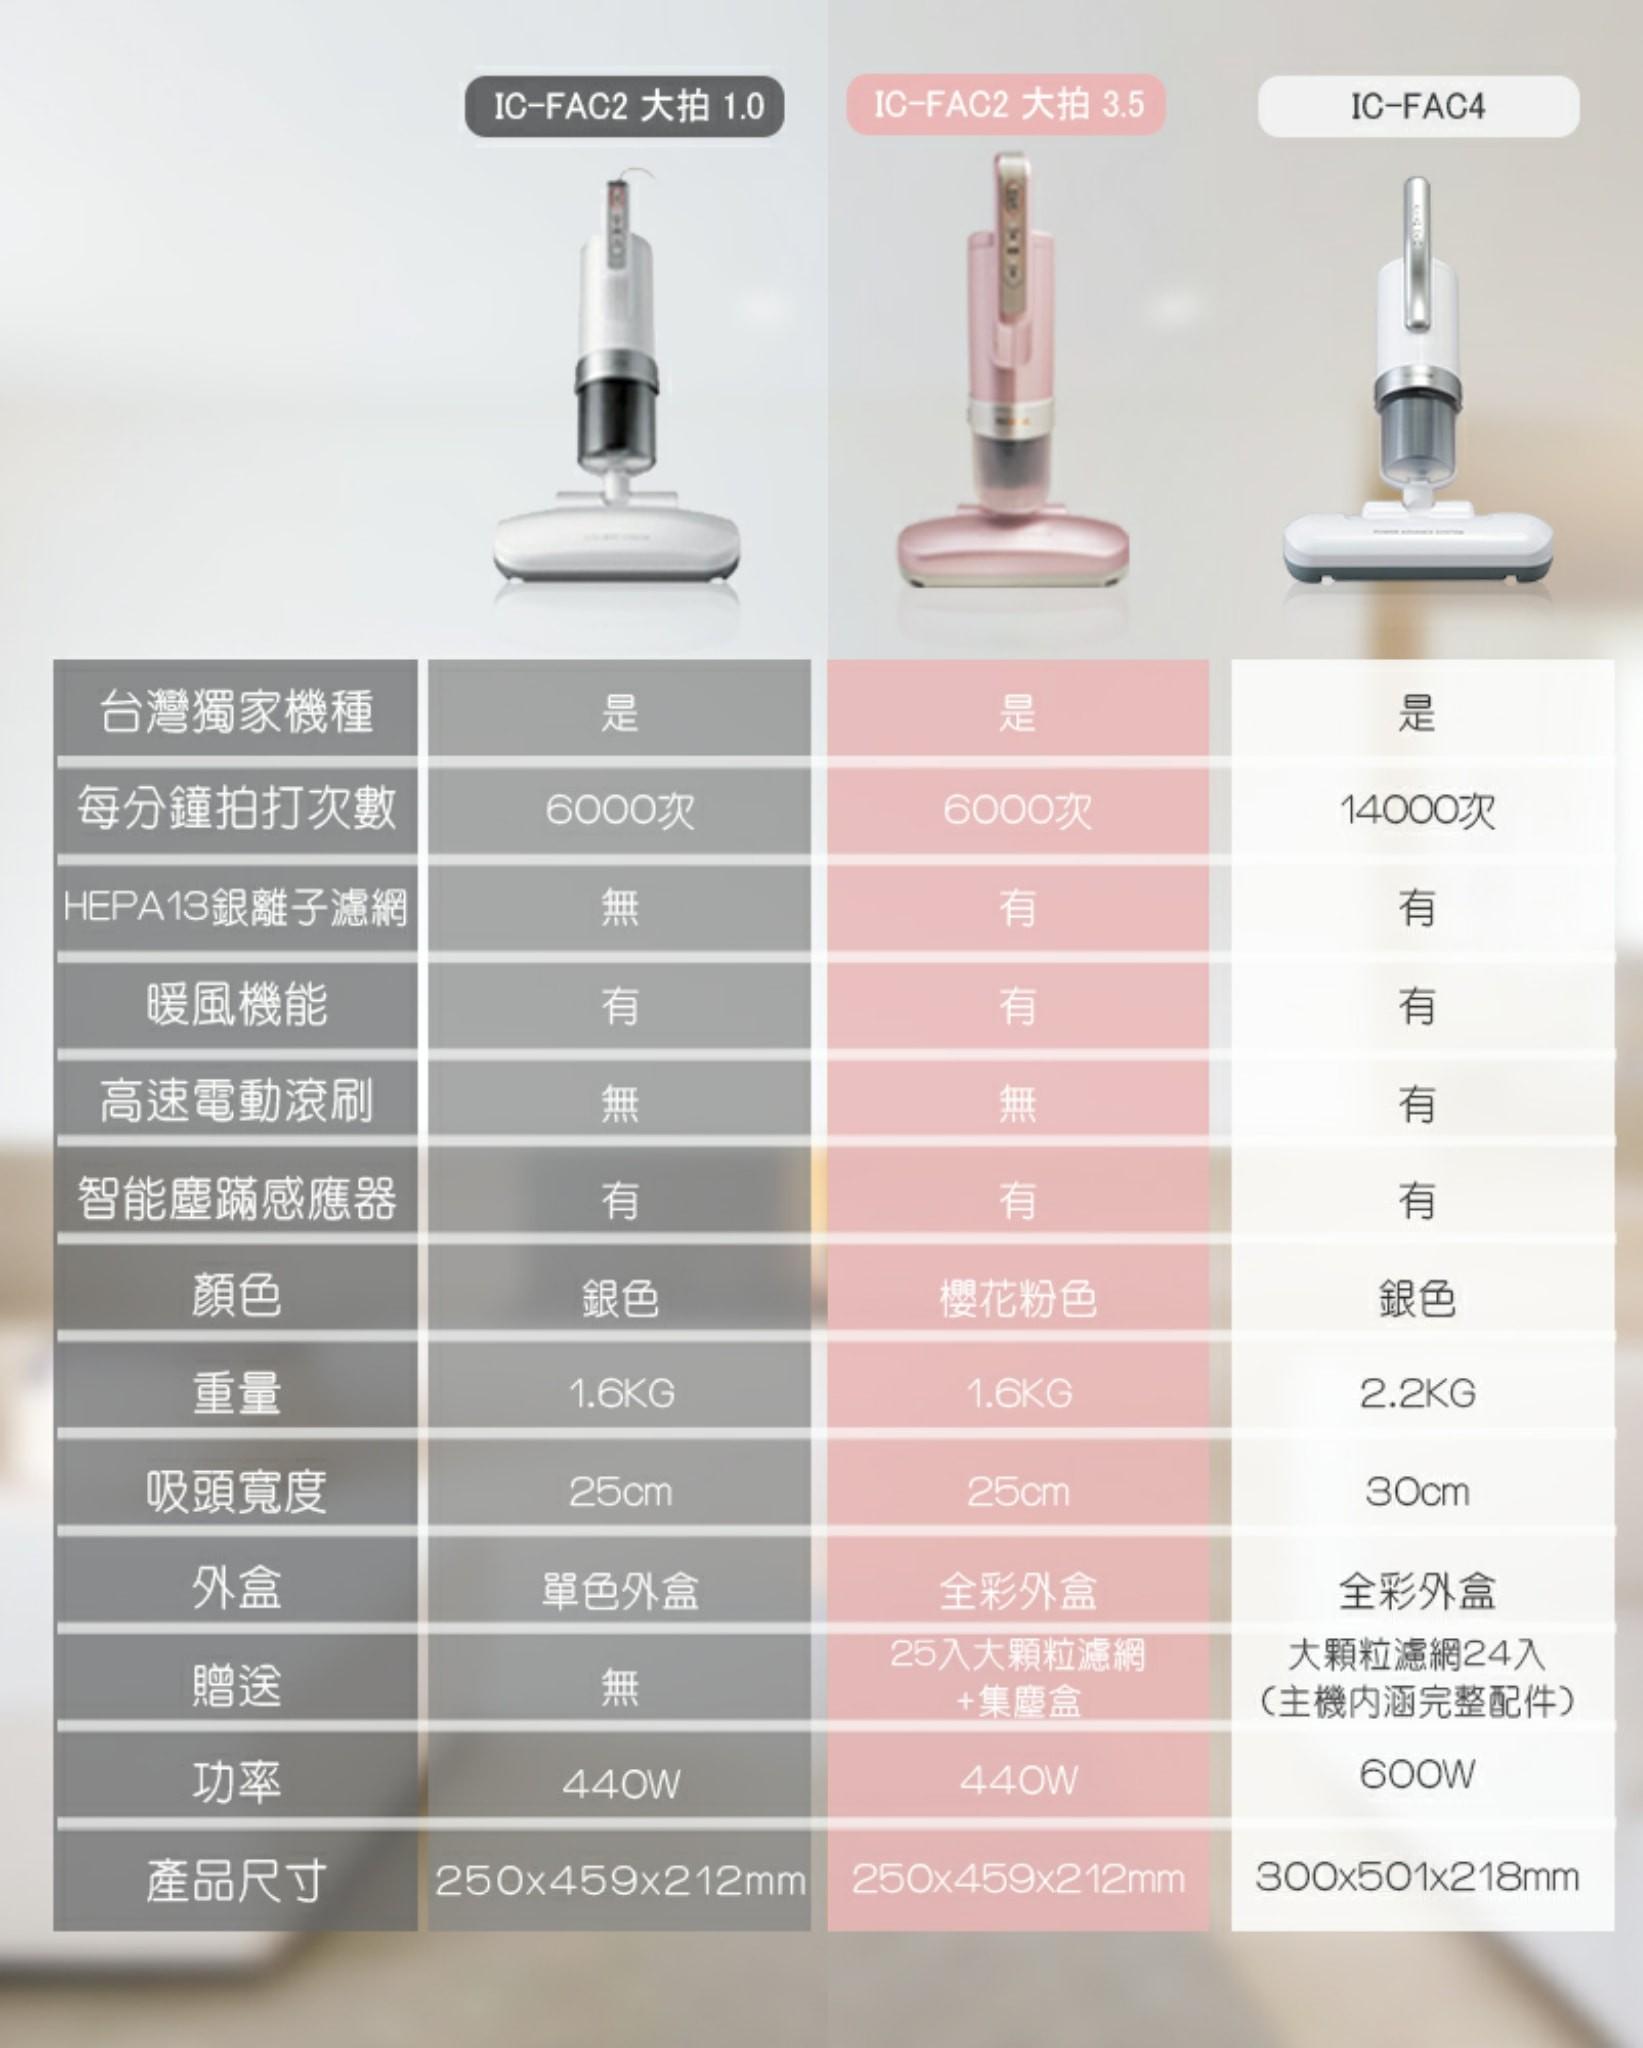 大拍聯合快閃團/福利品《IRIS全新大拍5.0塵蹣機》2020最新全面改款~升級更好用! - yukiblog.tw